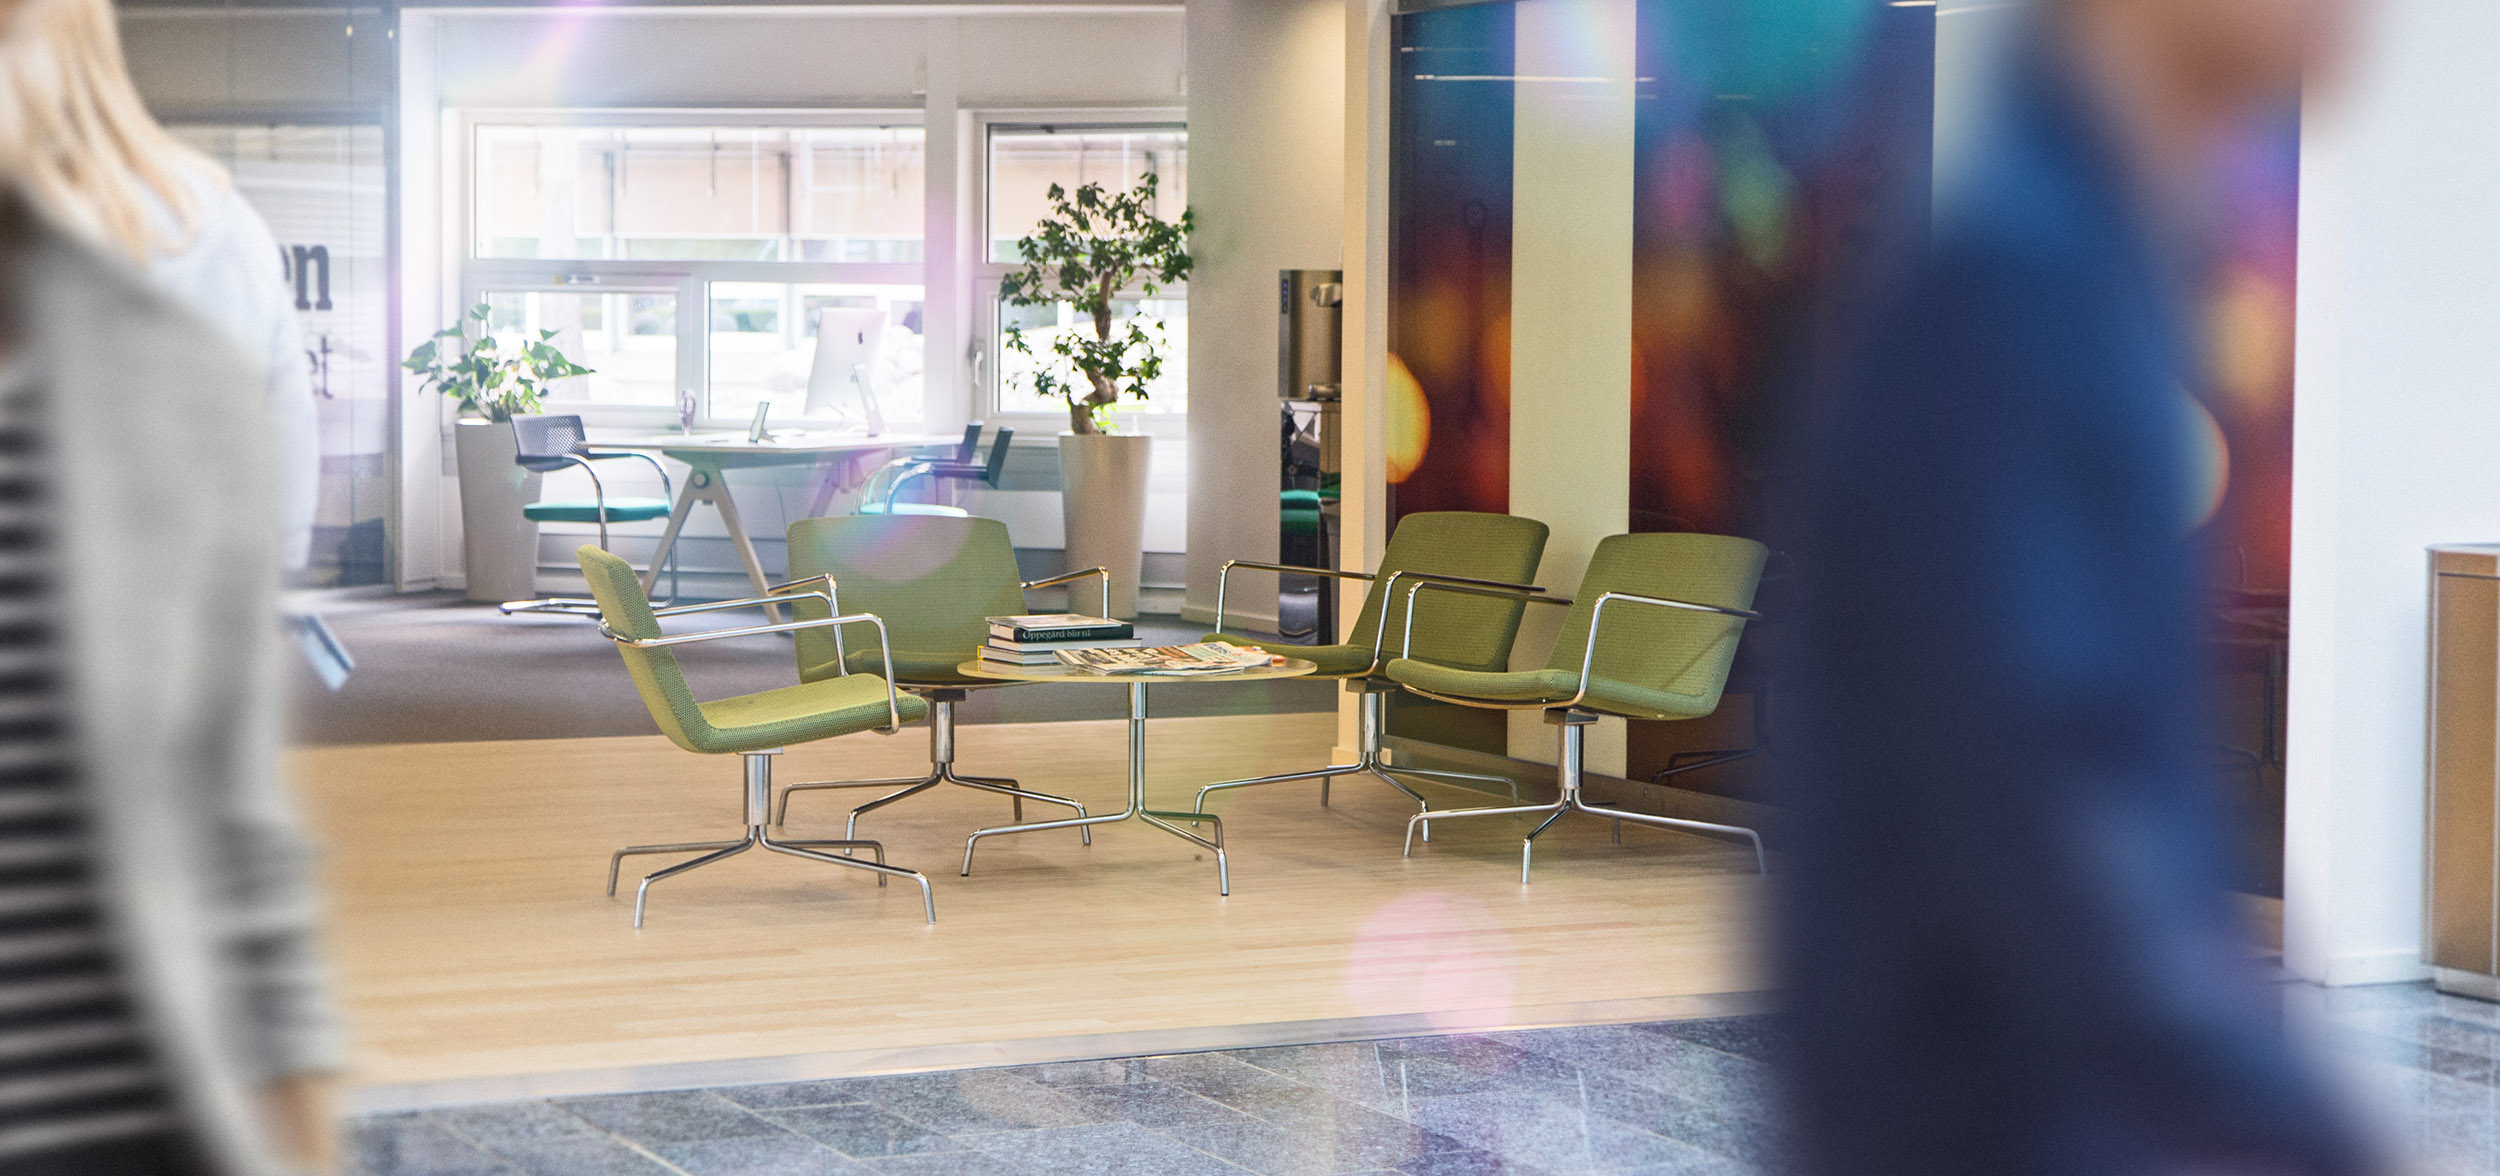 StudioSkeie-besøk-galleri-2.jpg